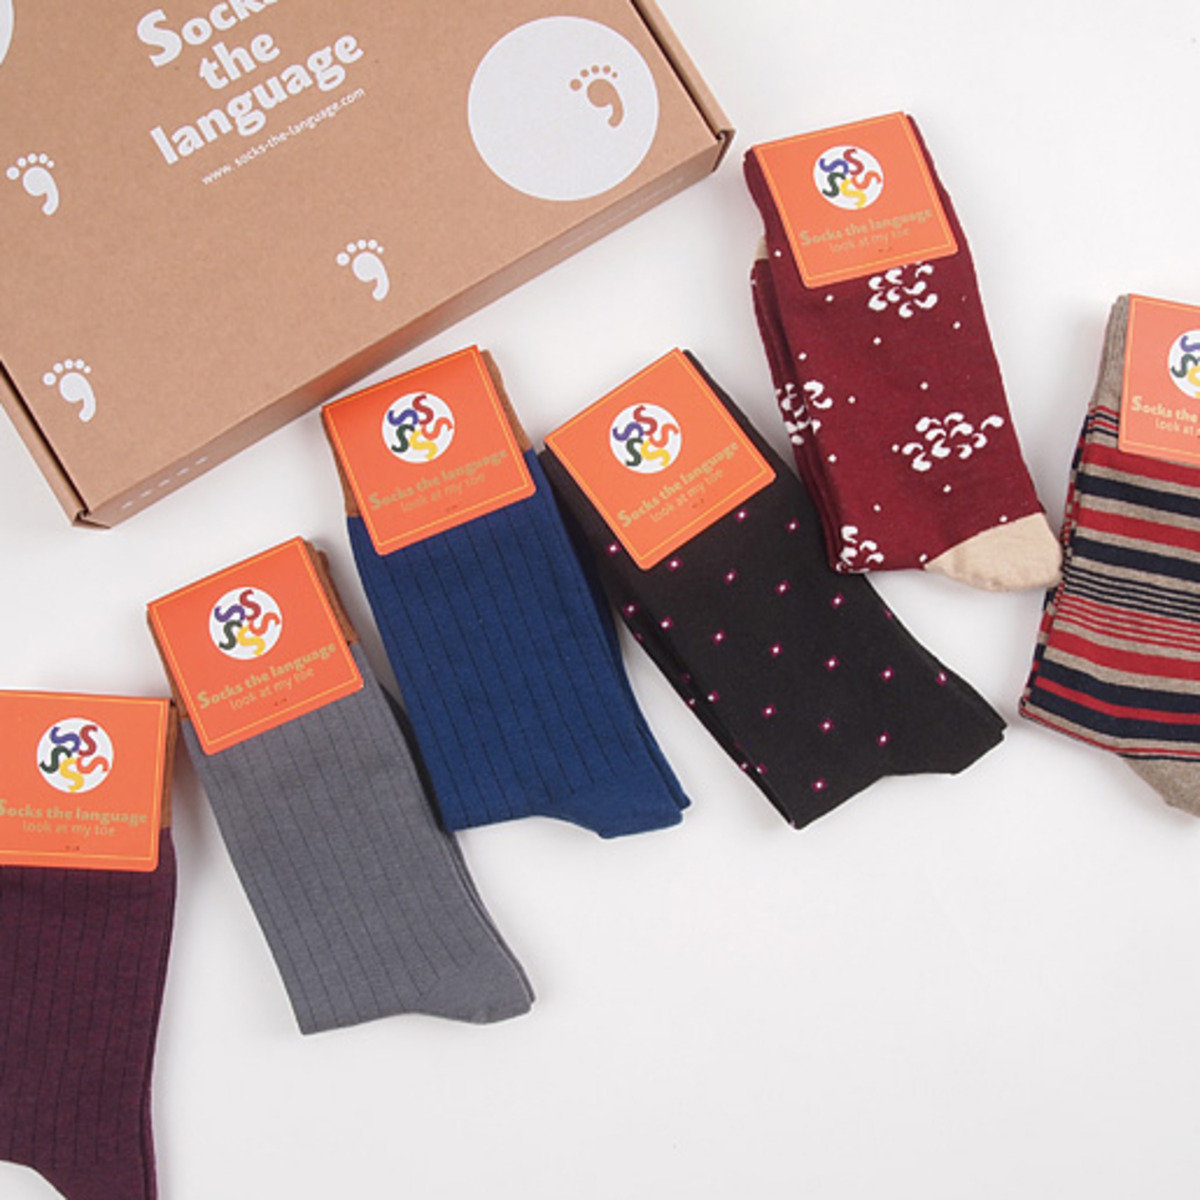 Office 中筒襪套裝 (5對)_socks_13043